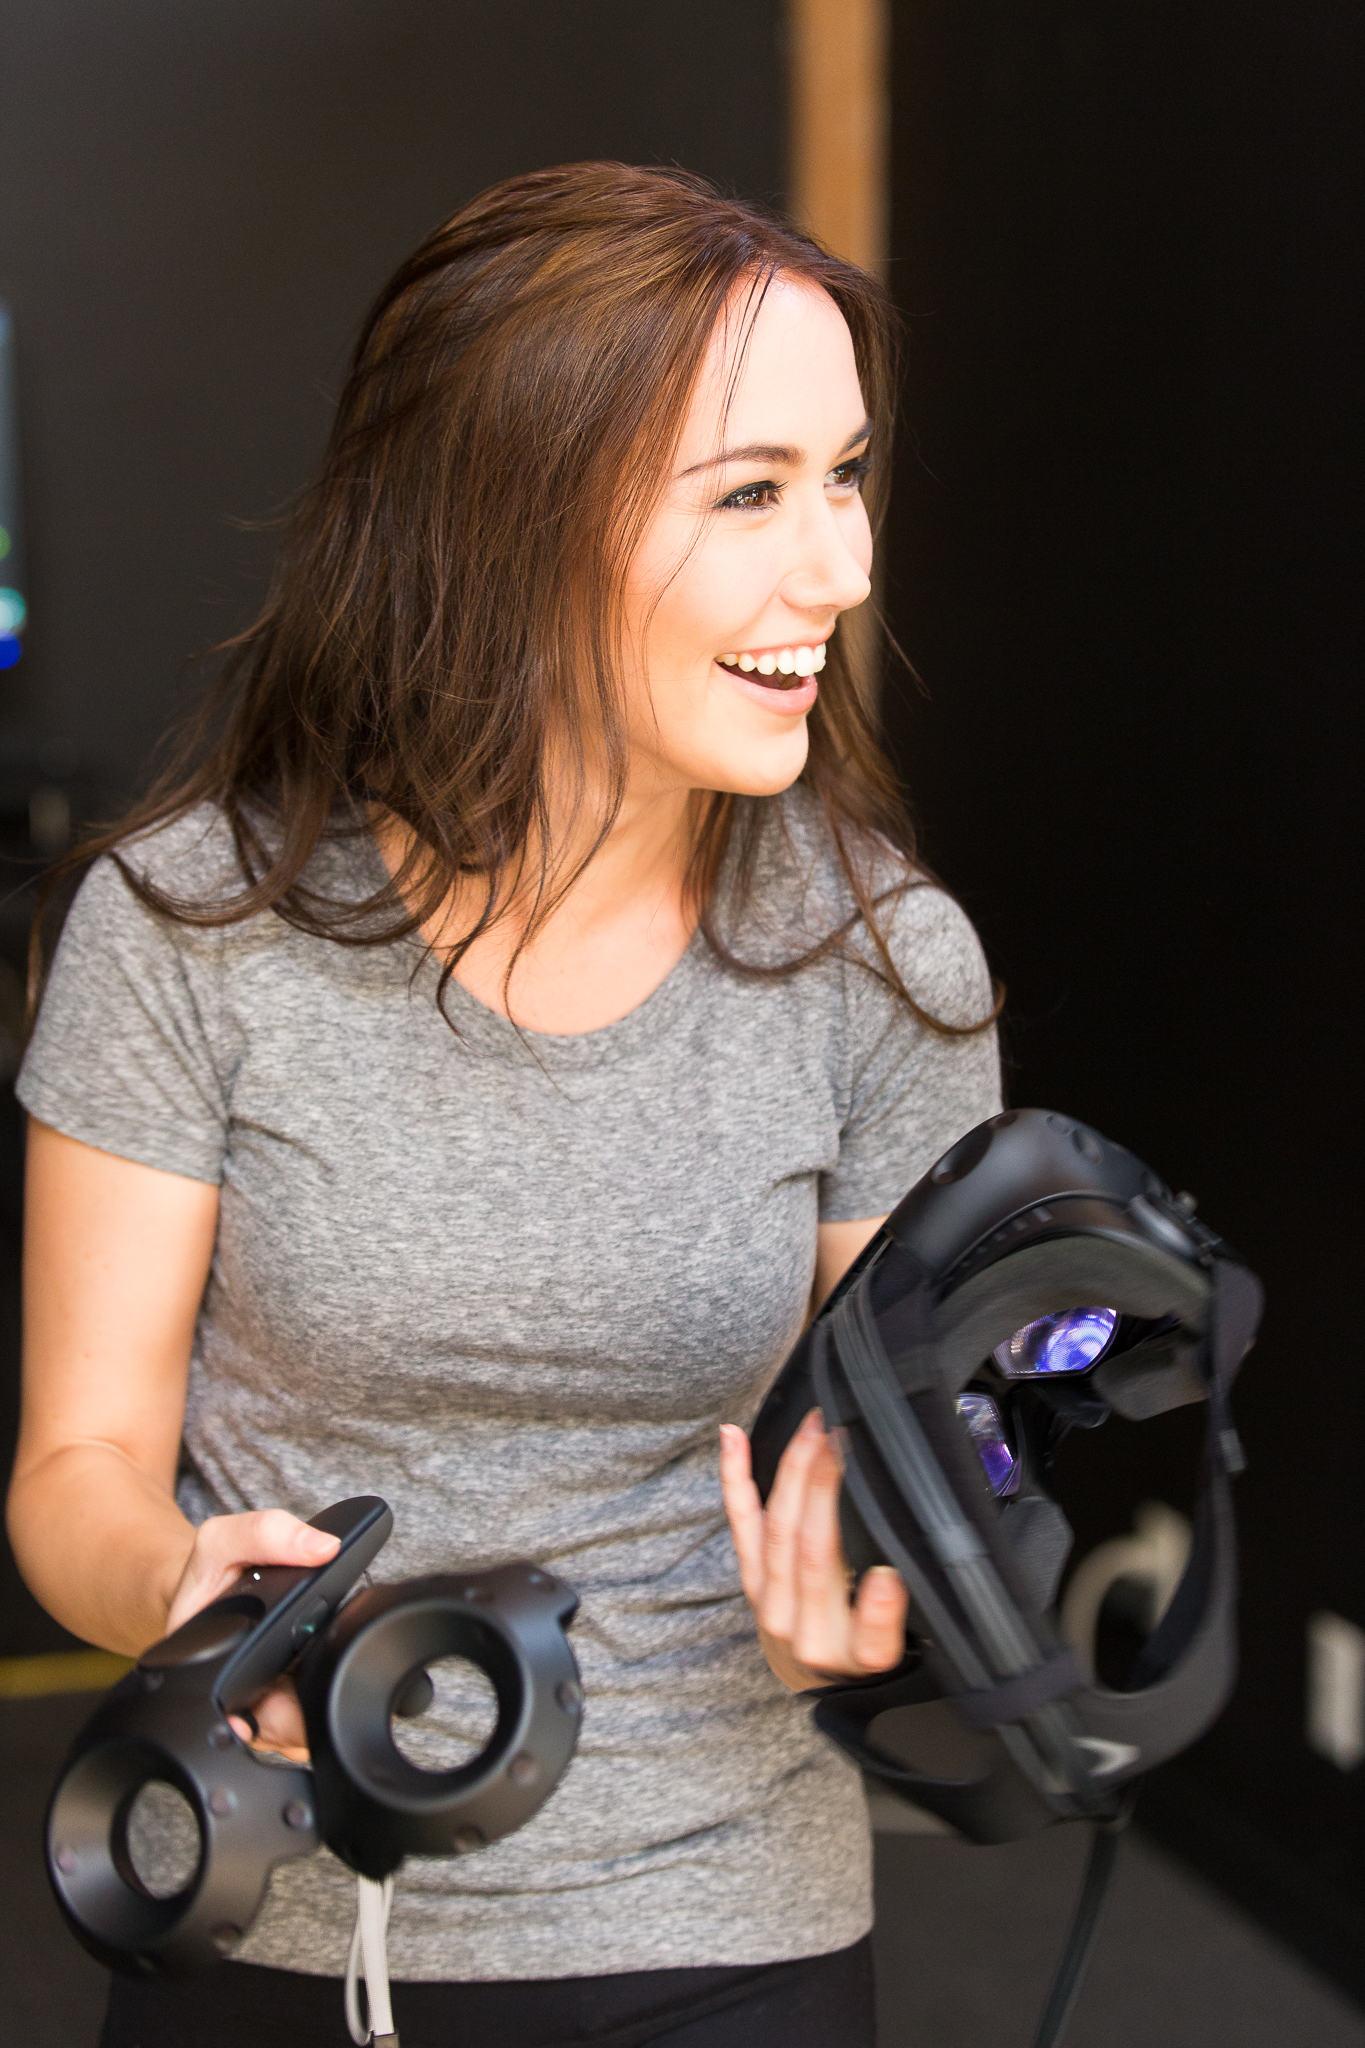 20160327 Upload VR Shoot-Oculus etc-6751.jpg